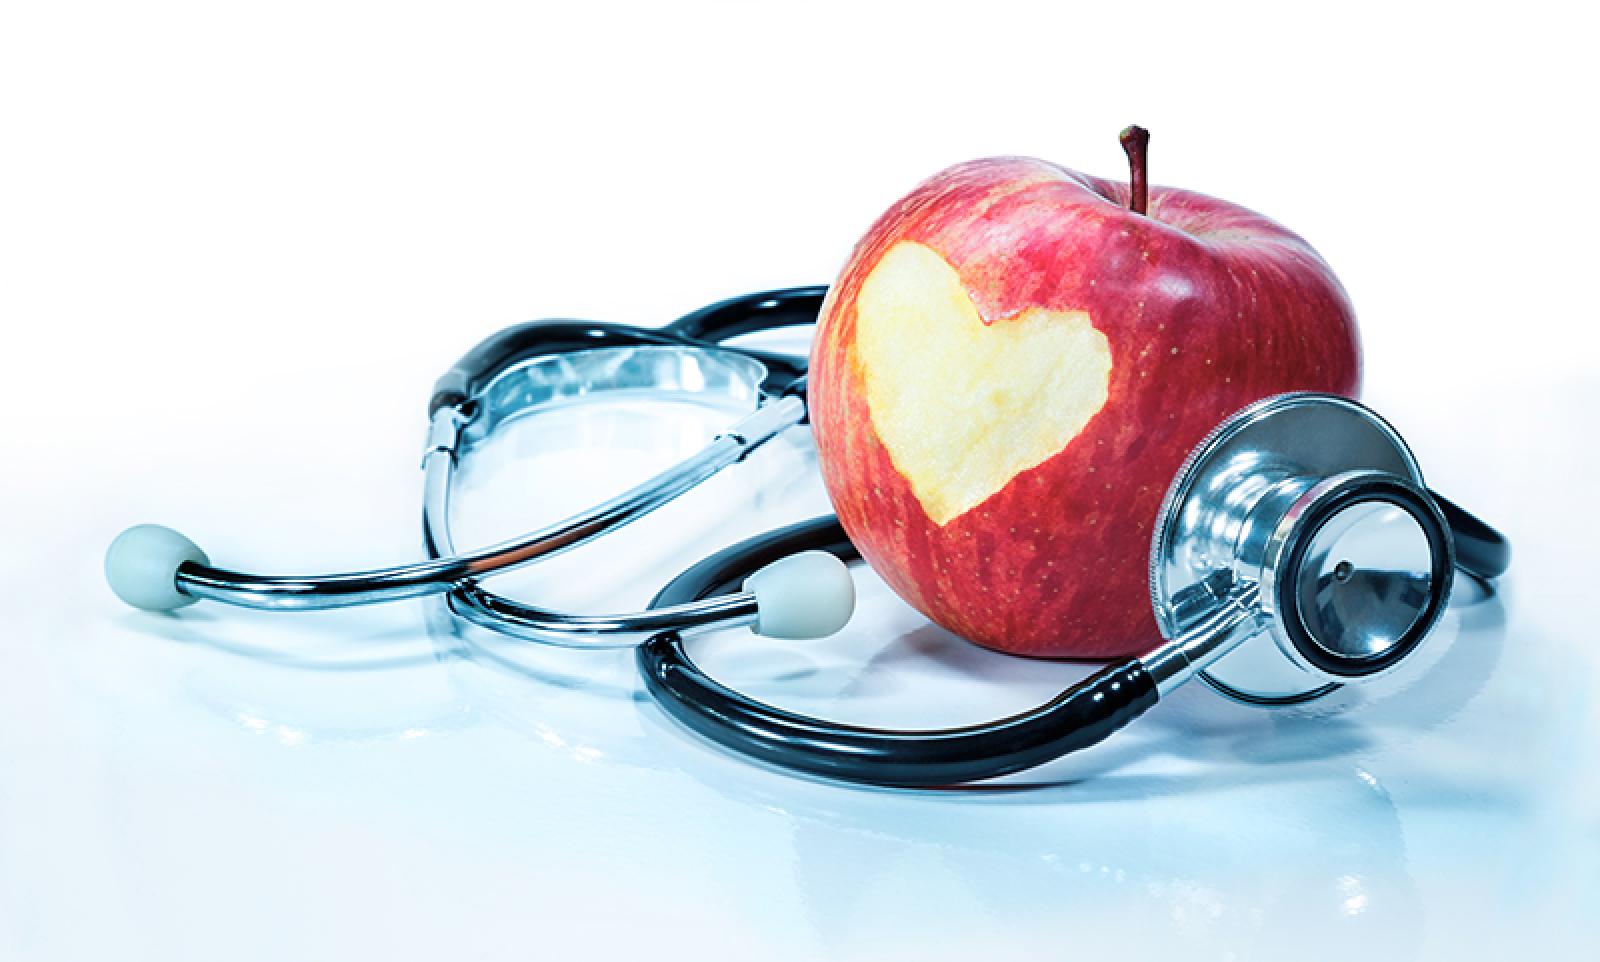 A su salud - Programa de Alimentación y Salud de la Fundación Española del Corazón - 04/11/20 - Escuchar ahora